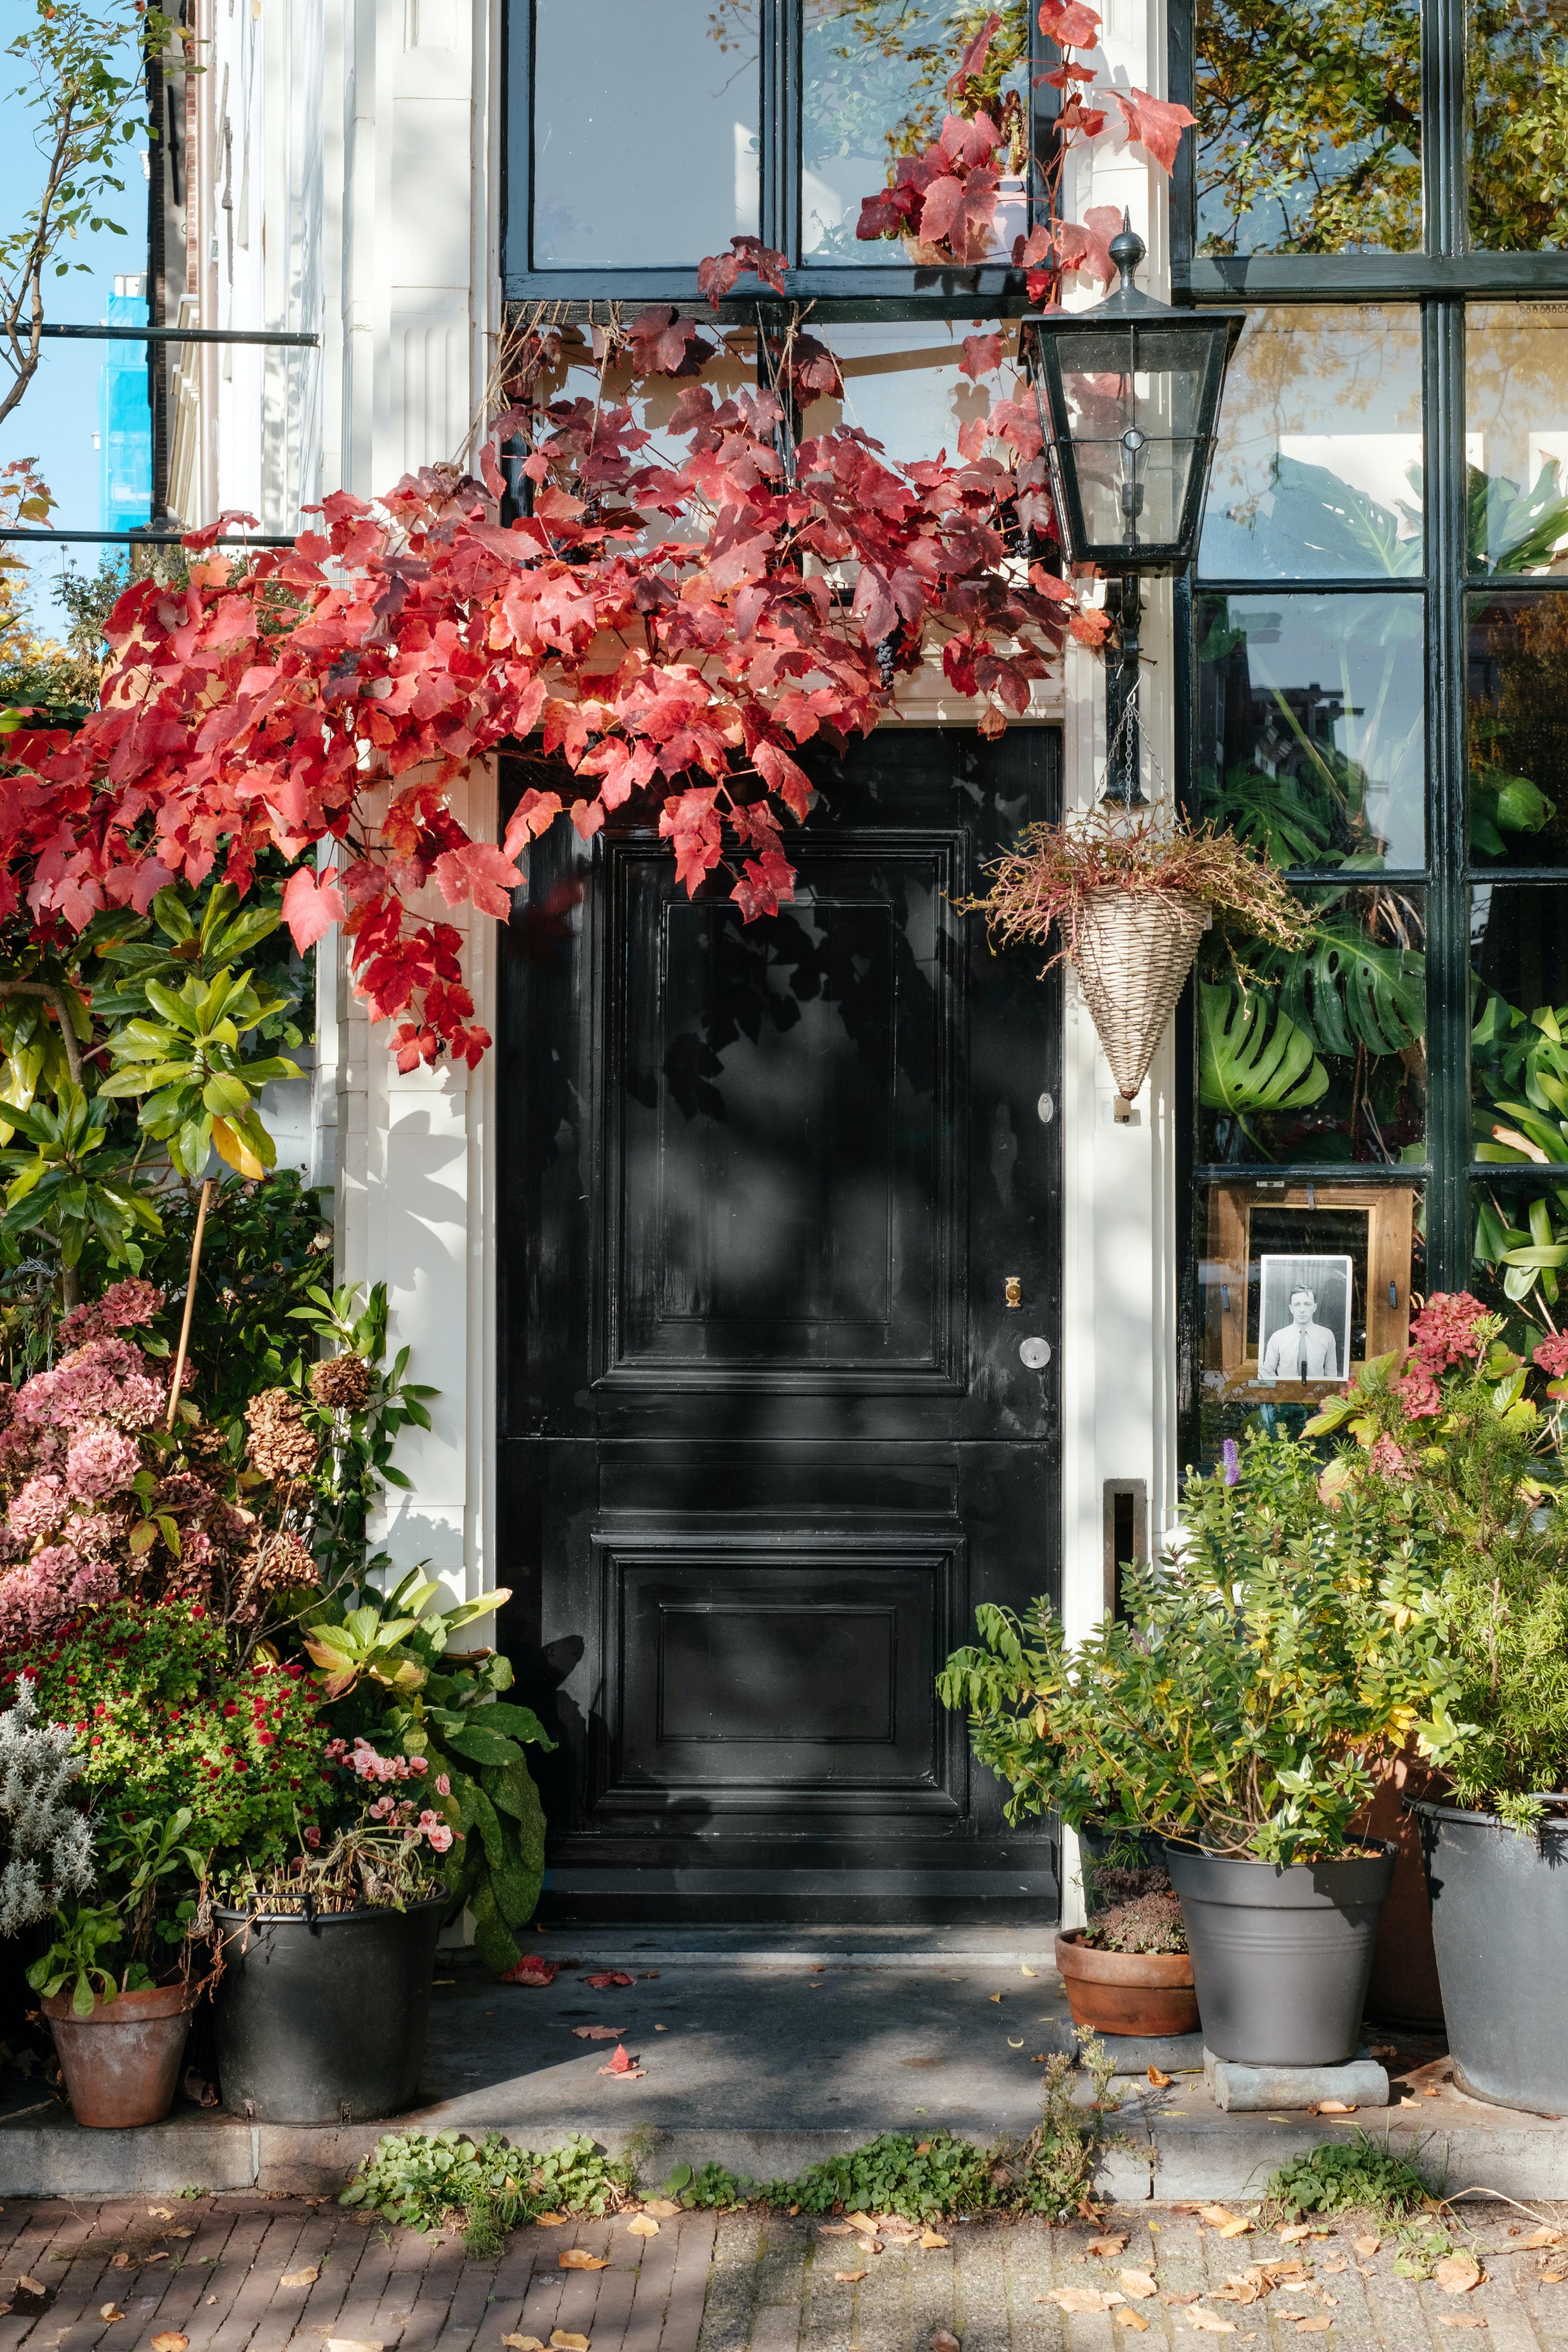 black wooden door surrounded by plants in vases